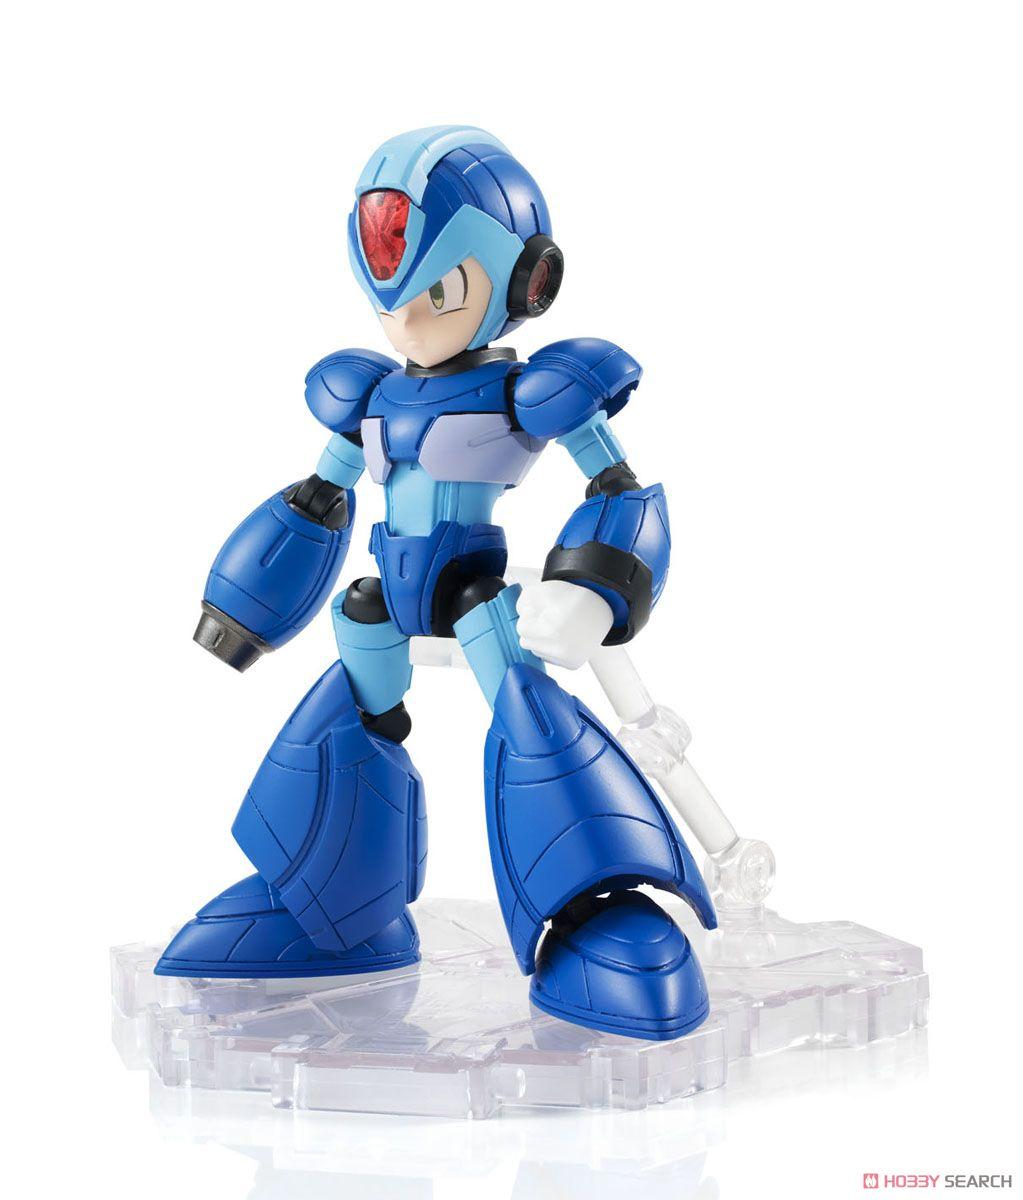 (เหลือ 1 ชิ้น รอเมล์ฉบับที่2 ยืนยัน ก่อนโอน) Nxedge Style [Mega Man Unit] X (Completed)ล็อต DT